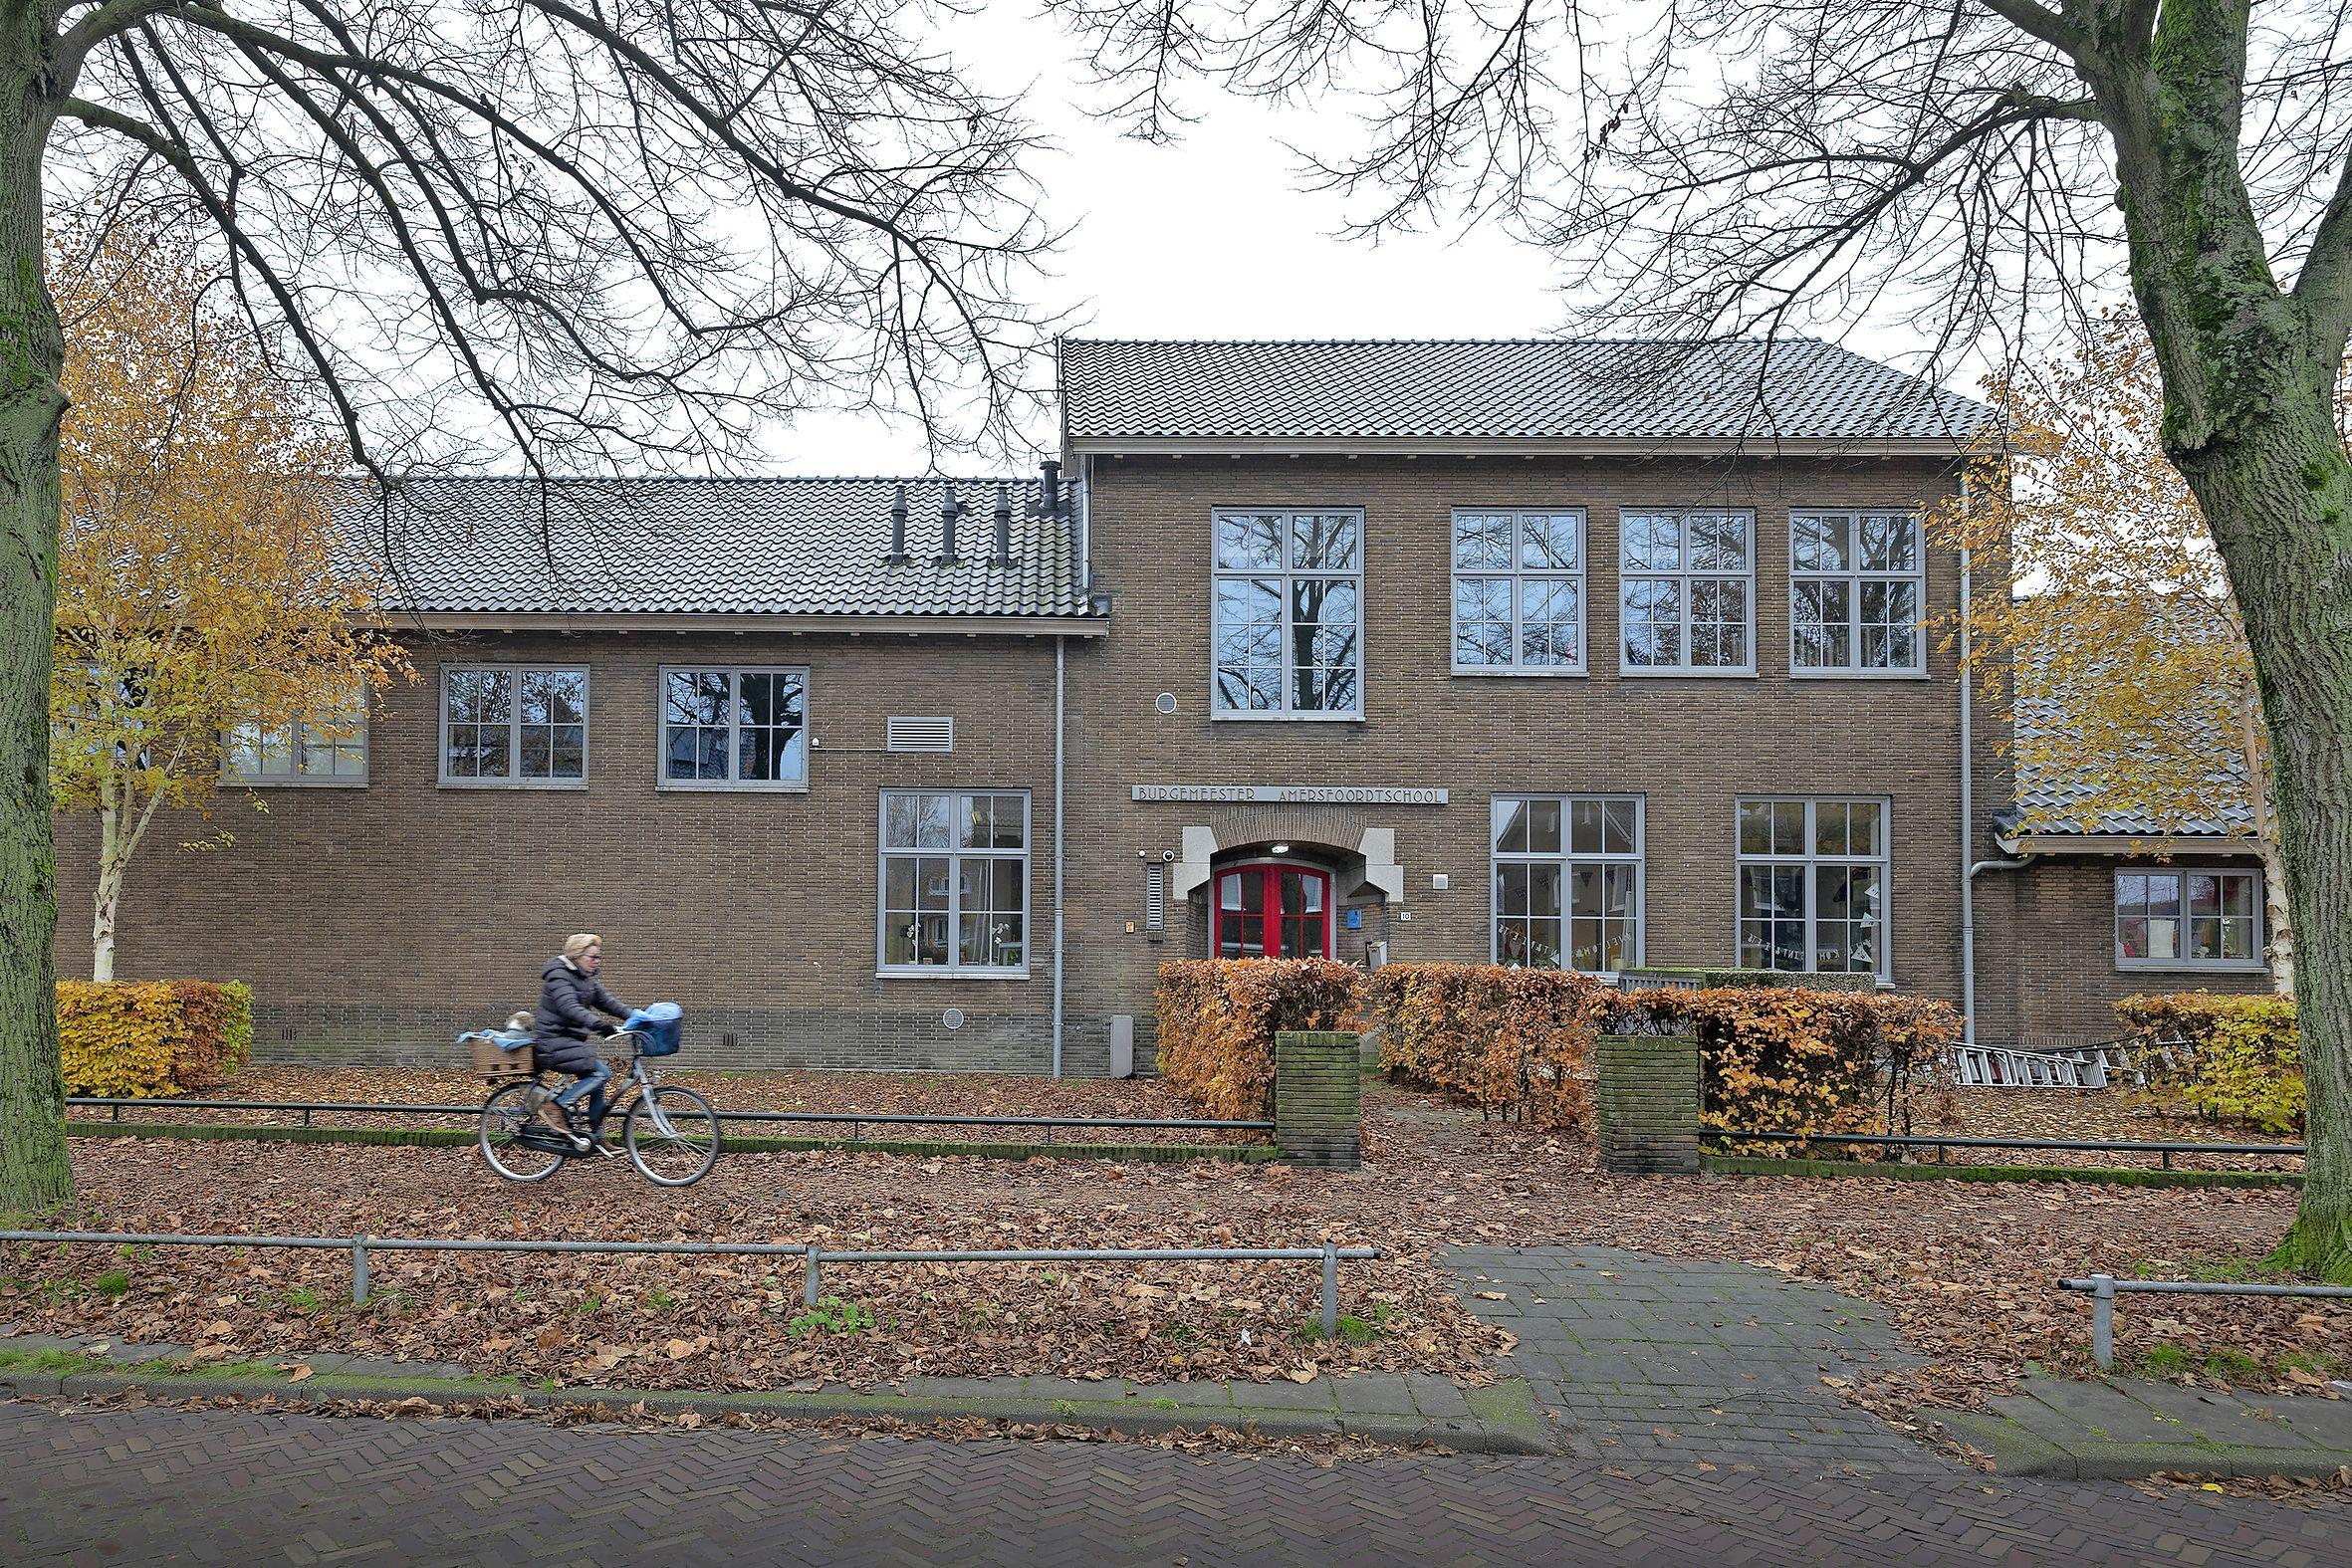 Bezwaarcommissie: besluit om Amersfoordtschool in Badhoevedorp te sluiten is terecht genomen